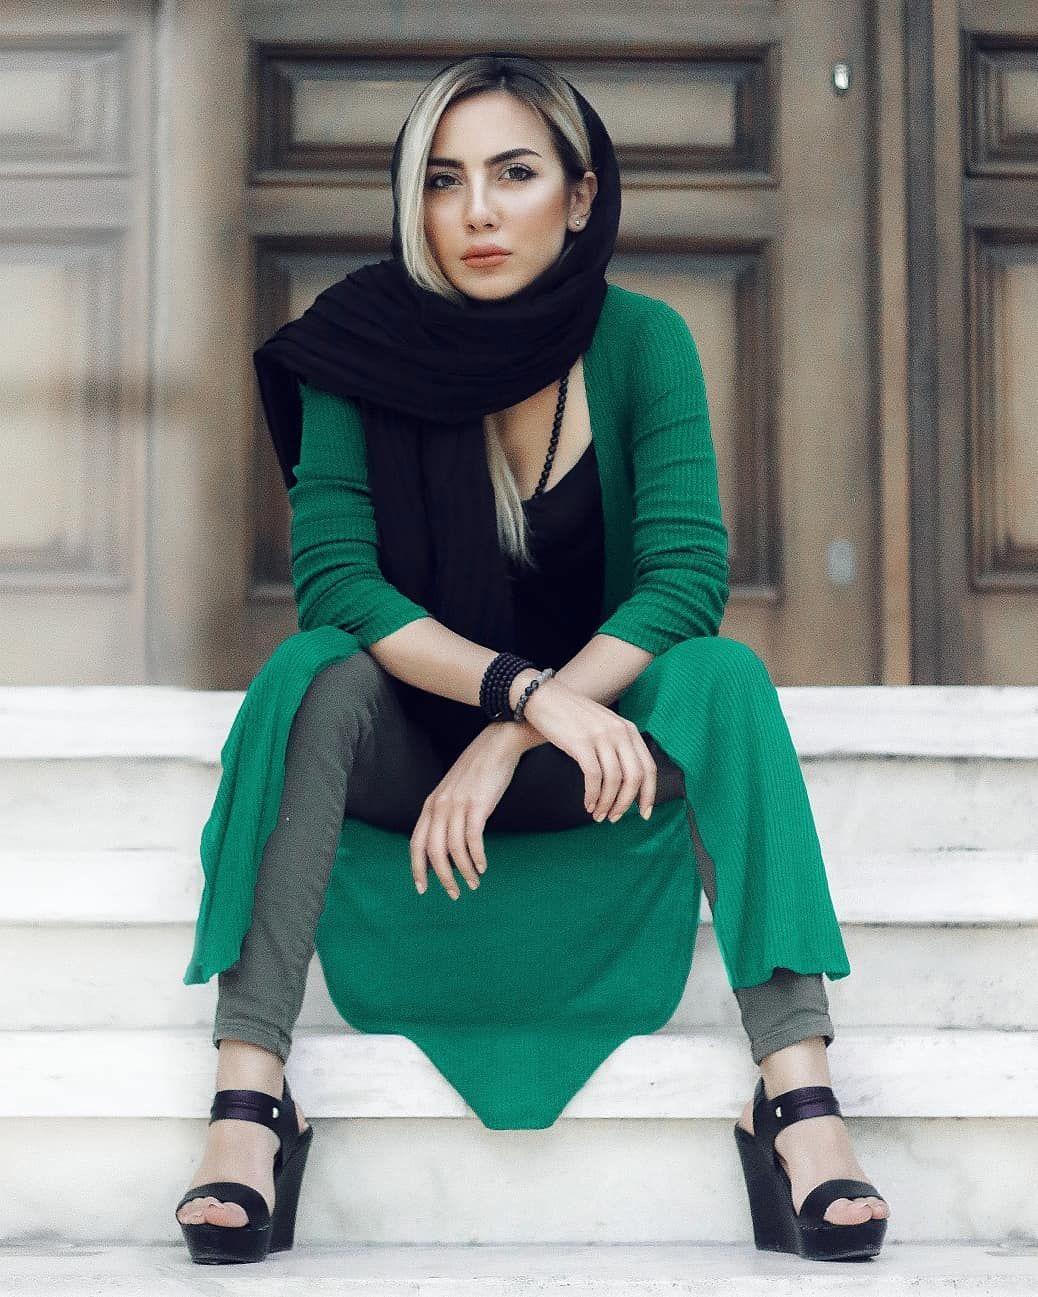 Iranian bare women little girl spreading